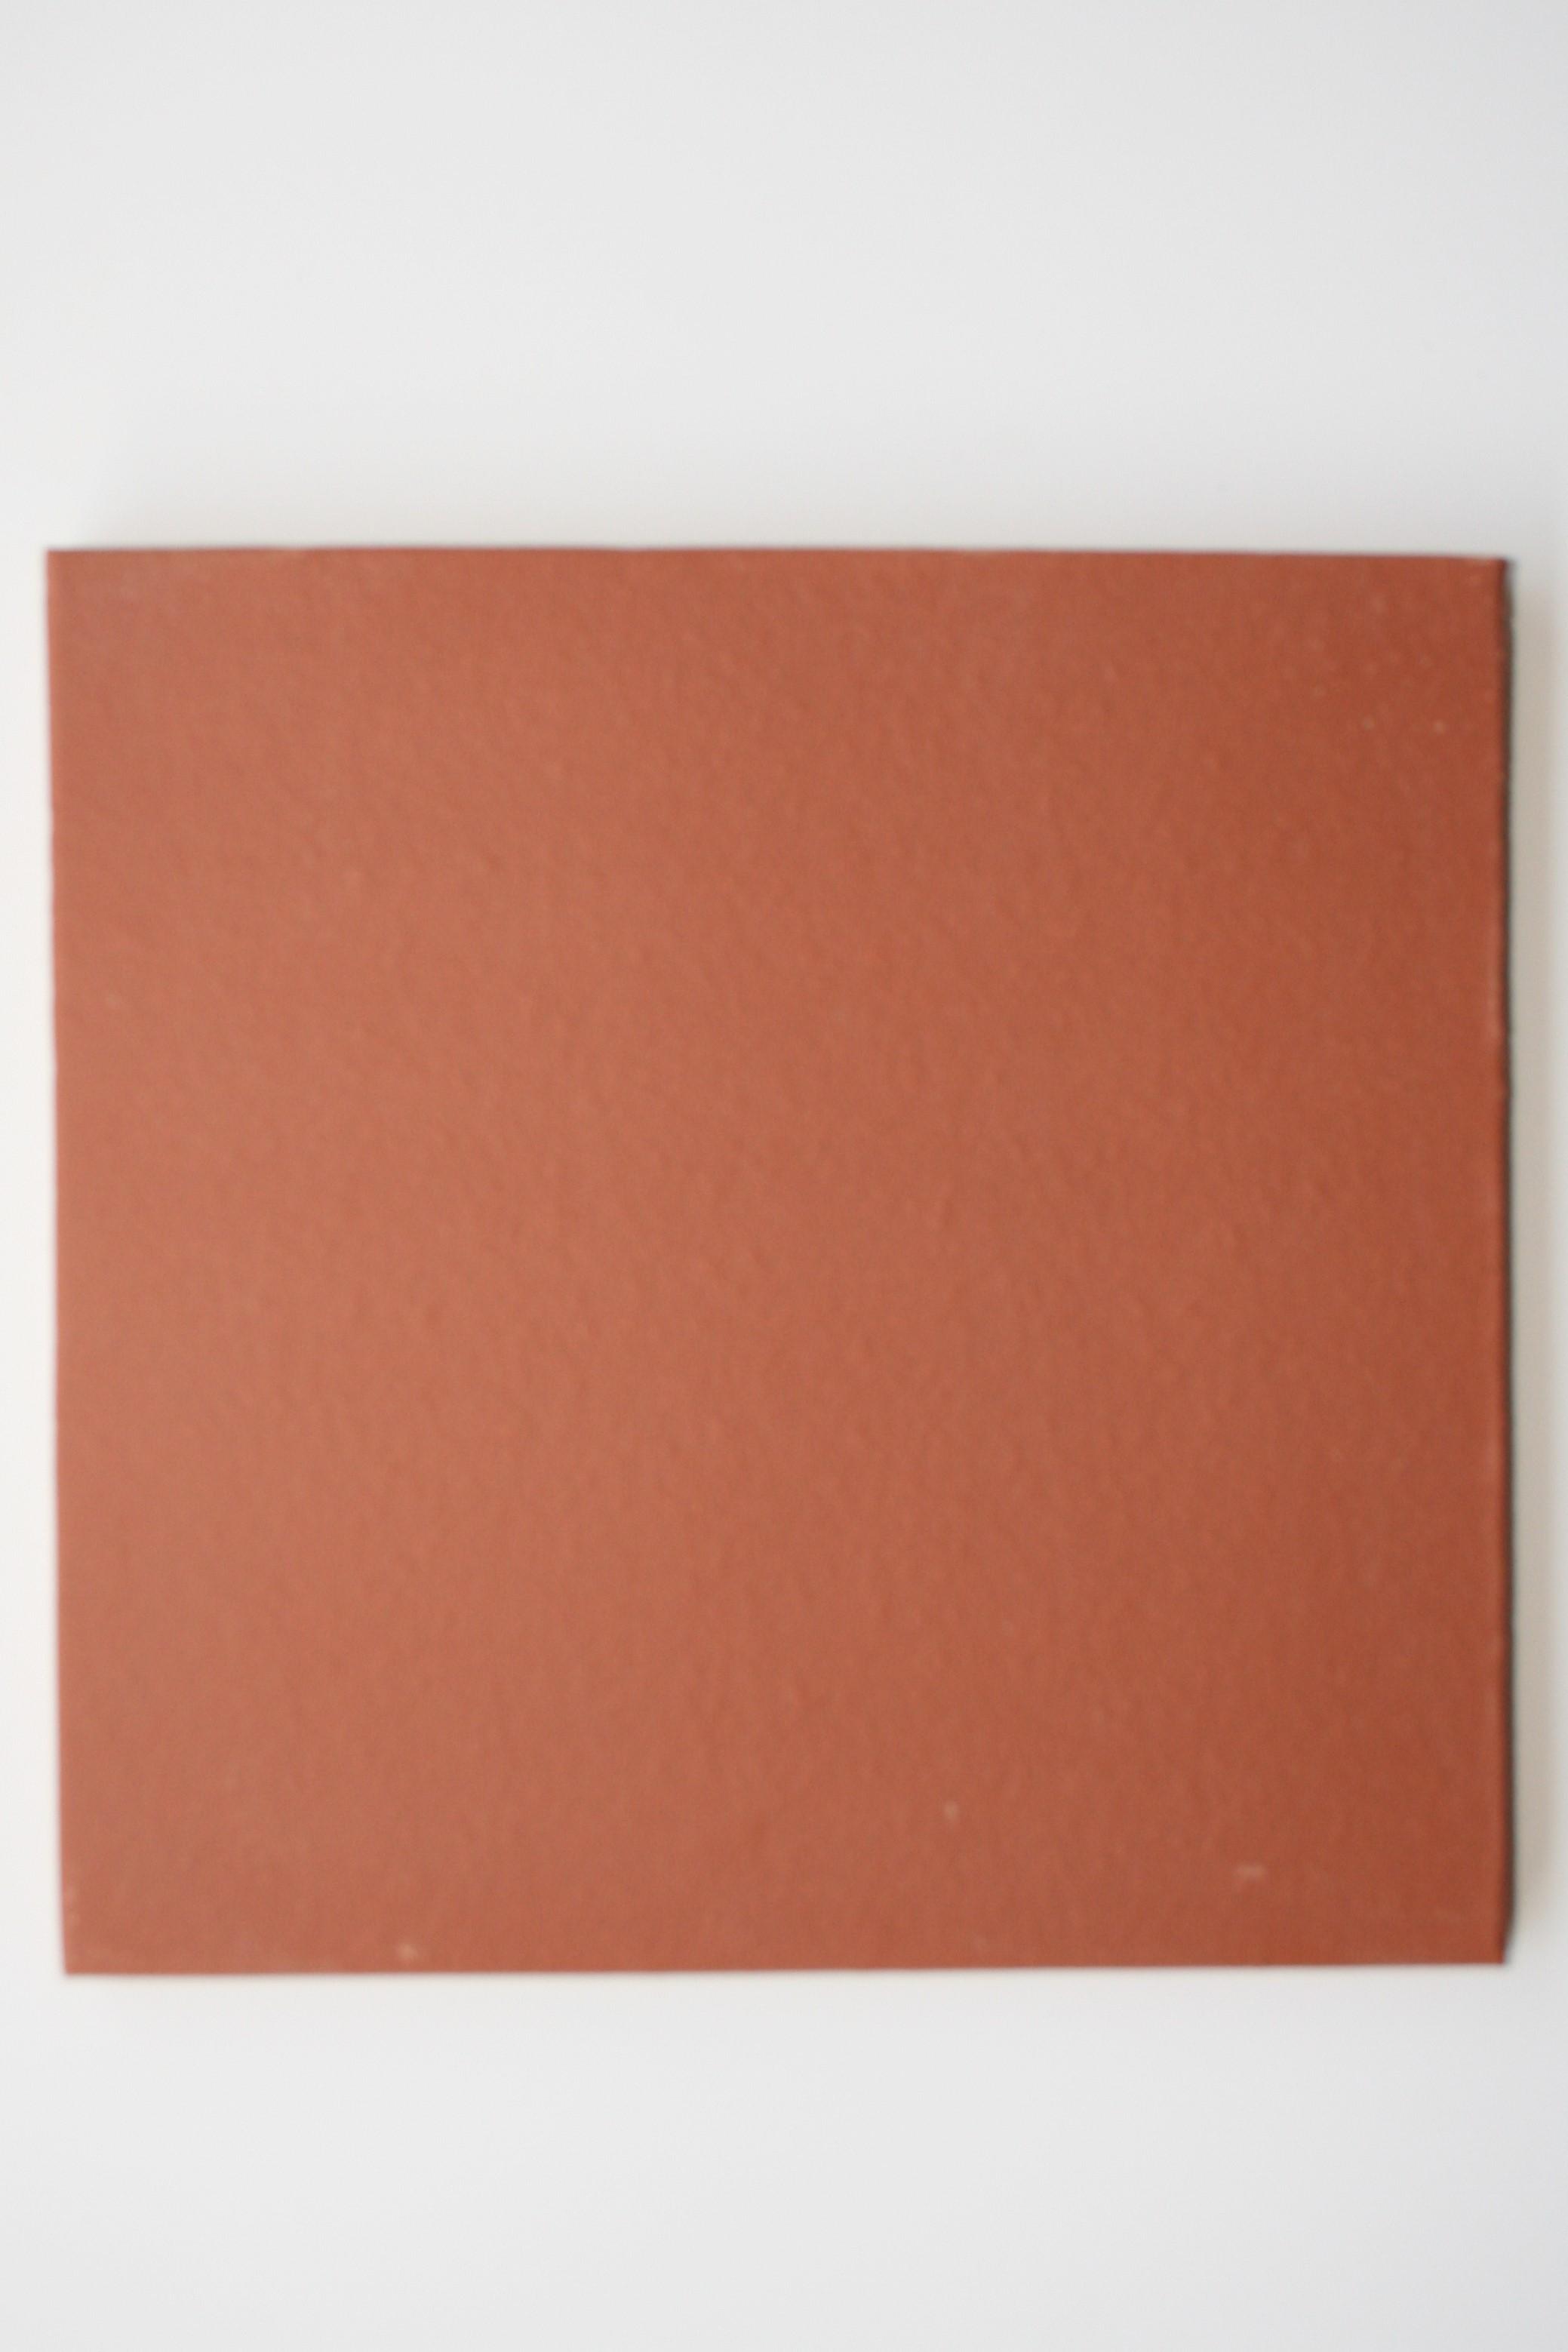 Carreaux terre cuite lisse rouge 27x27x1.6 cm bords arrondis